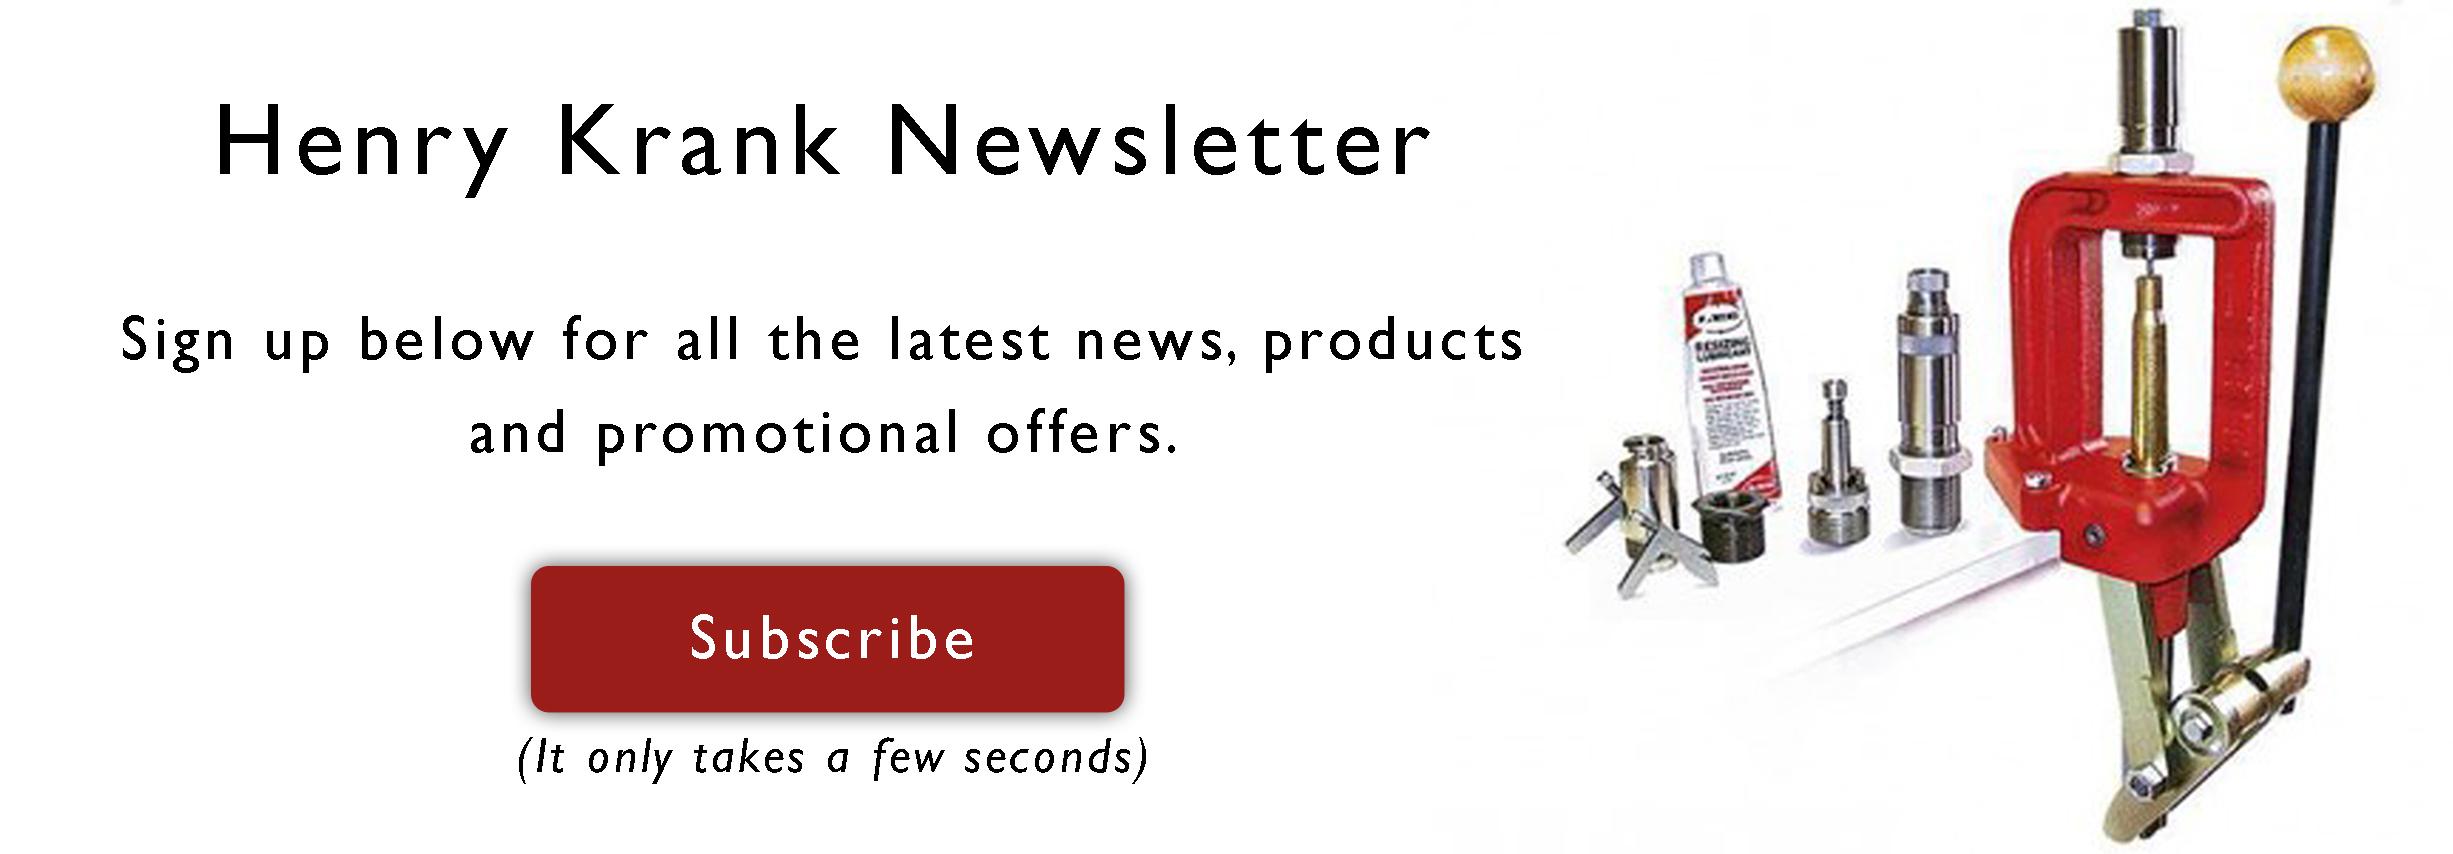 Henry Krank Newsletter Signup Banner